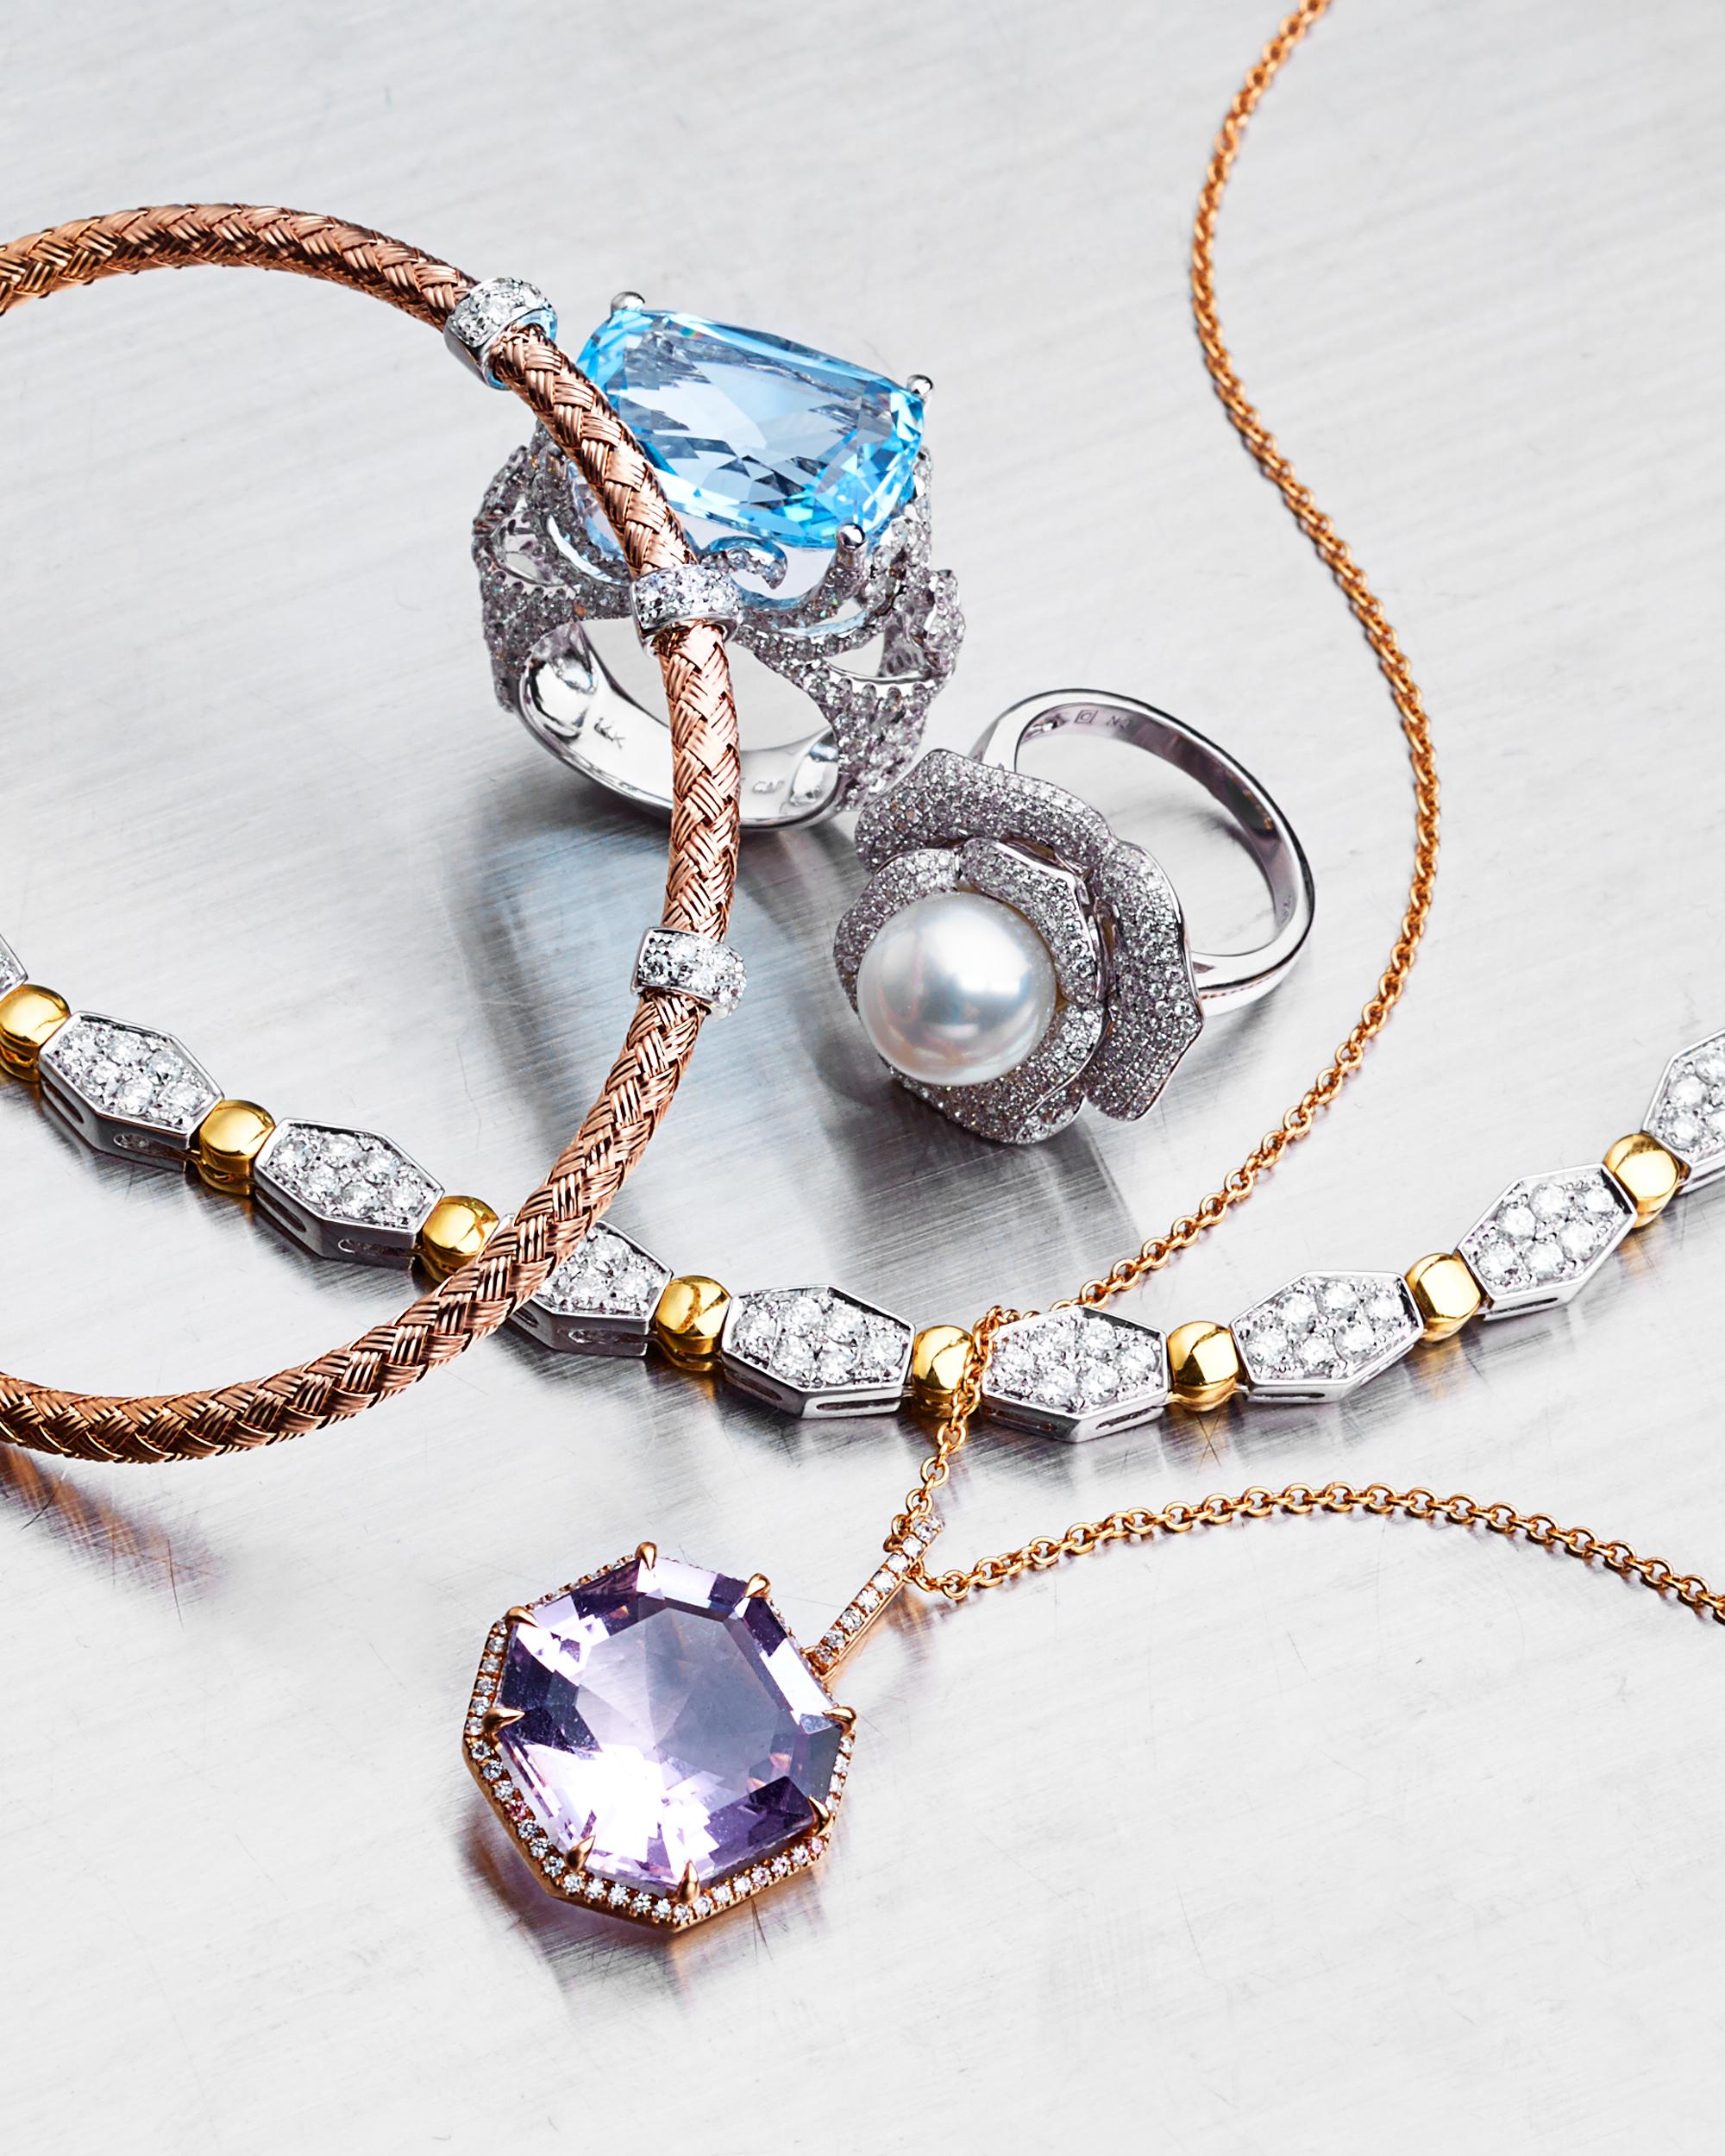 Rina_Limor_Fine_Jewelry_1087306912_031.jpg